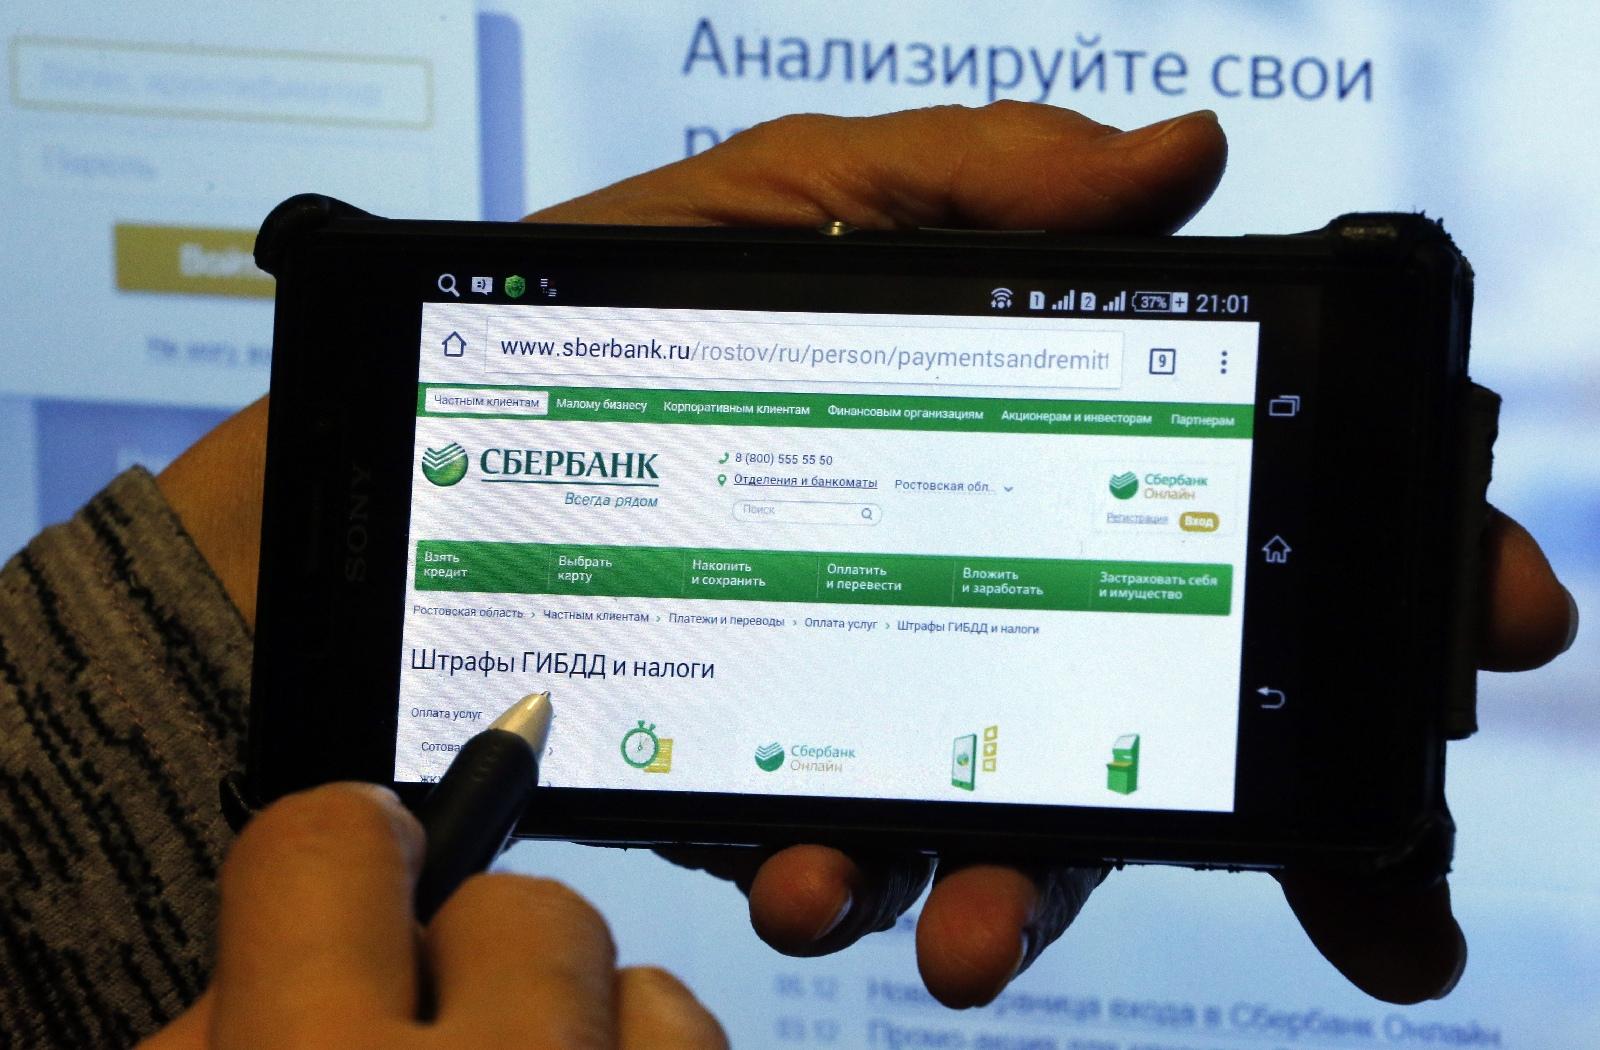 В январе в России изменится система оплаты штрафов за нарушения ПДД - журнал За рулем